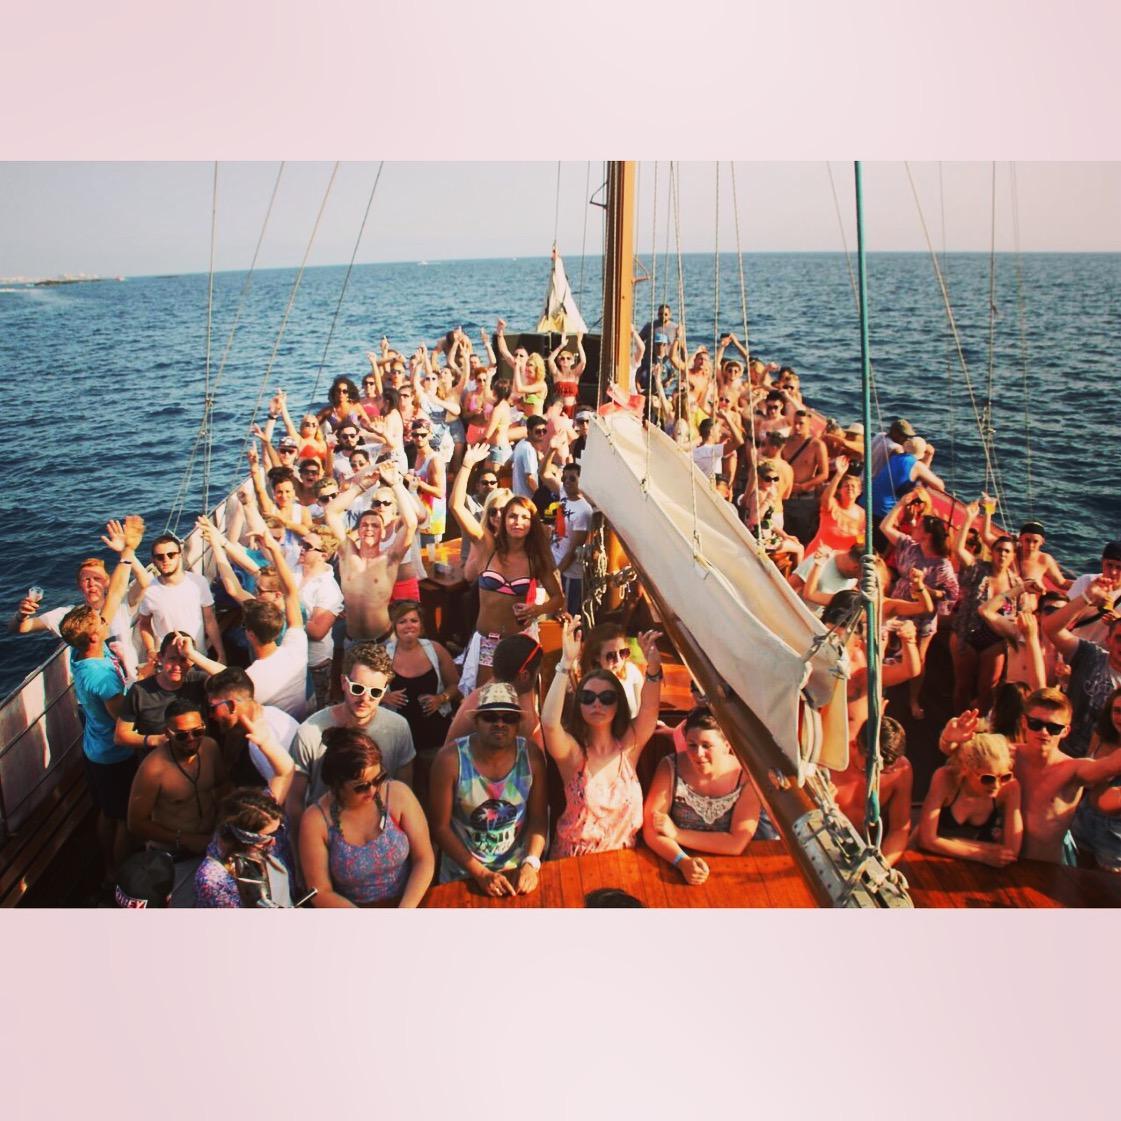 Love Ibiza Boat Party (Tenerife)